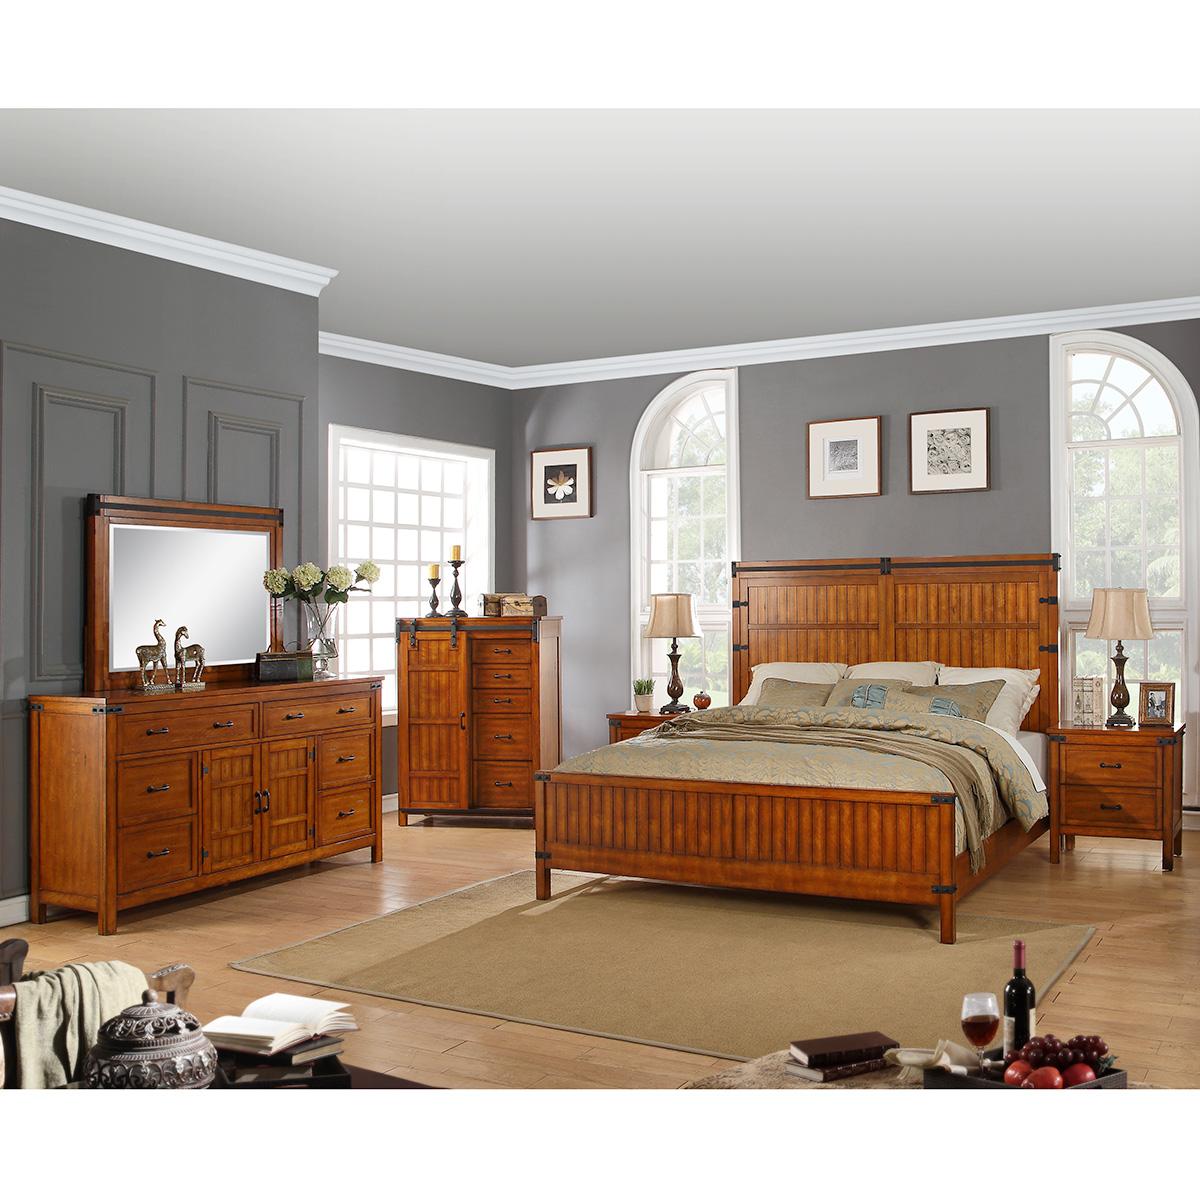 Industrial 6 Piece Queen Bedroom Set in Rustic Chestnut Finish Hardwood